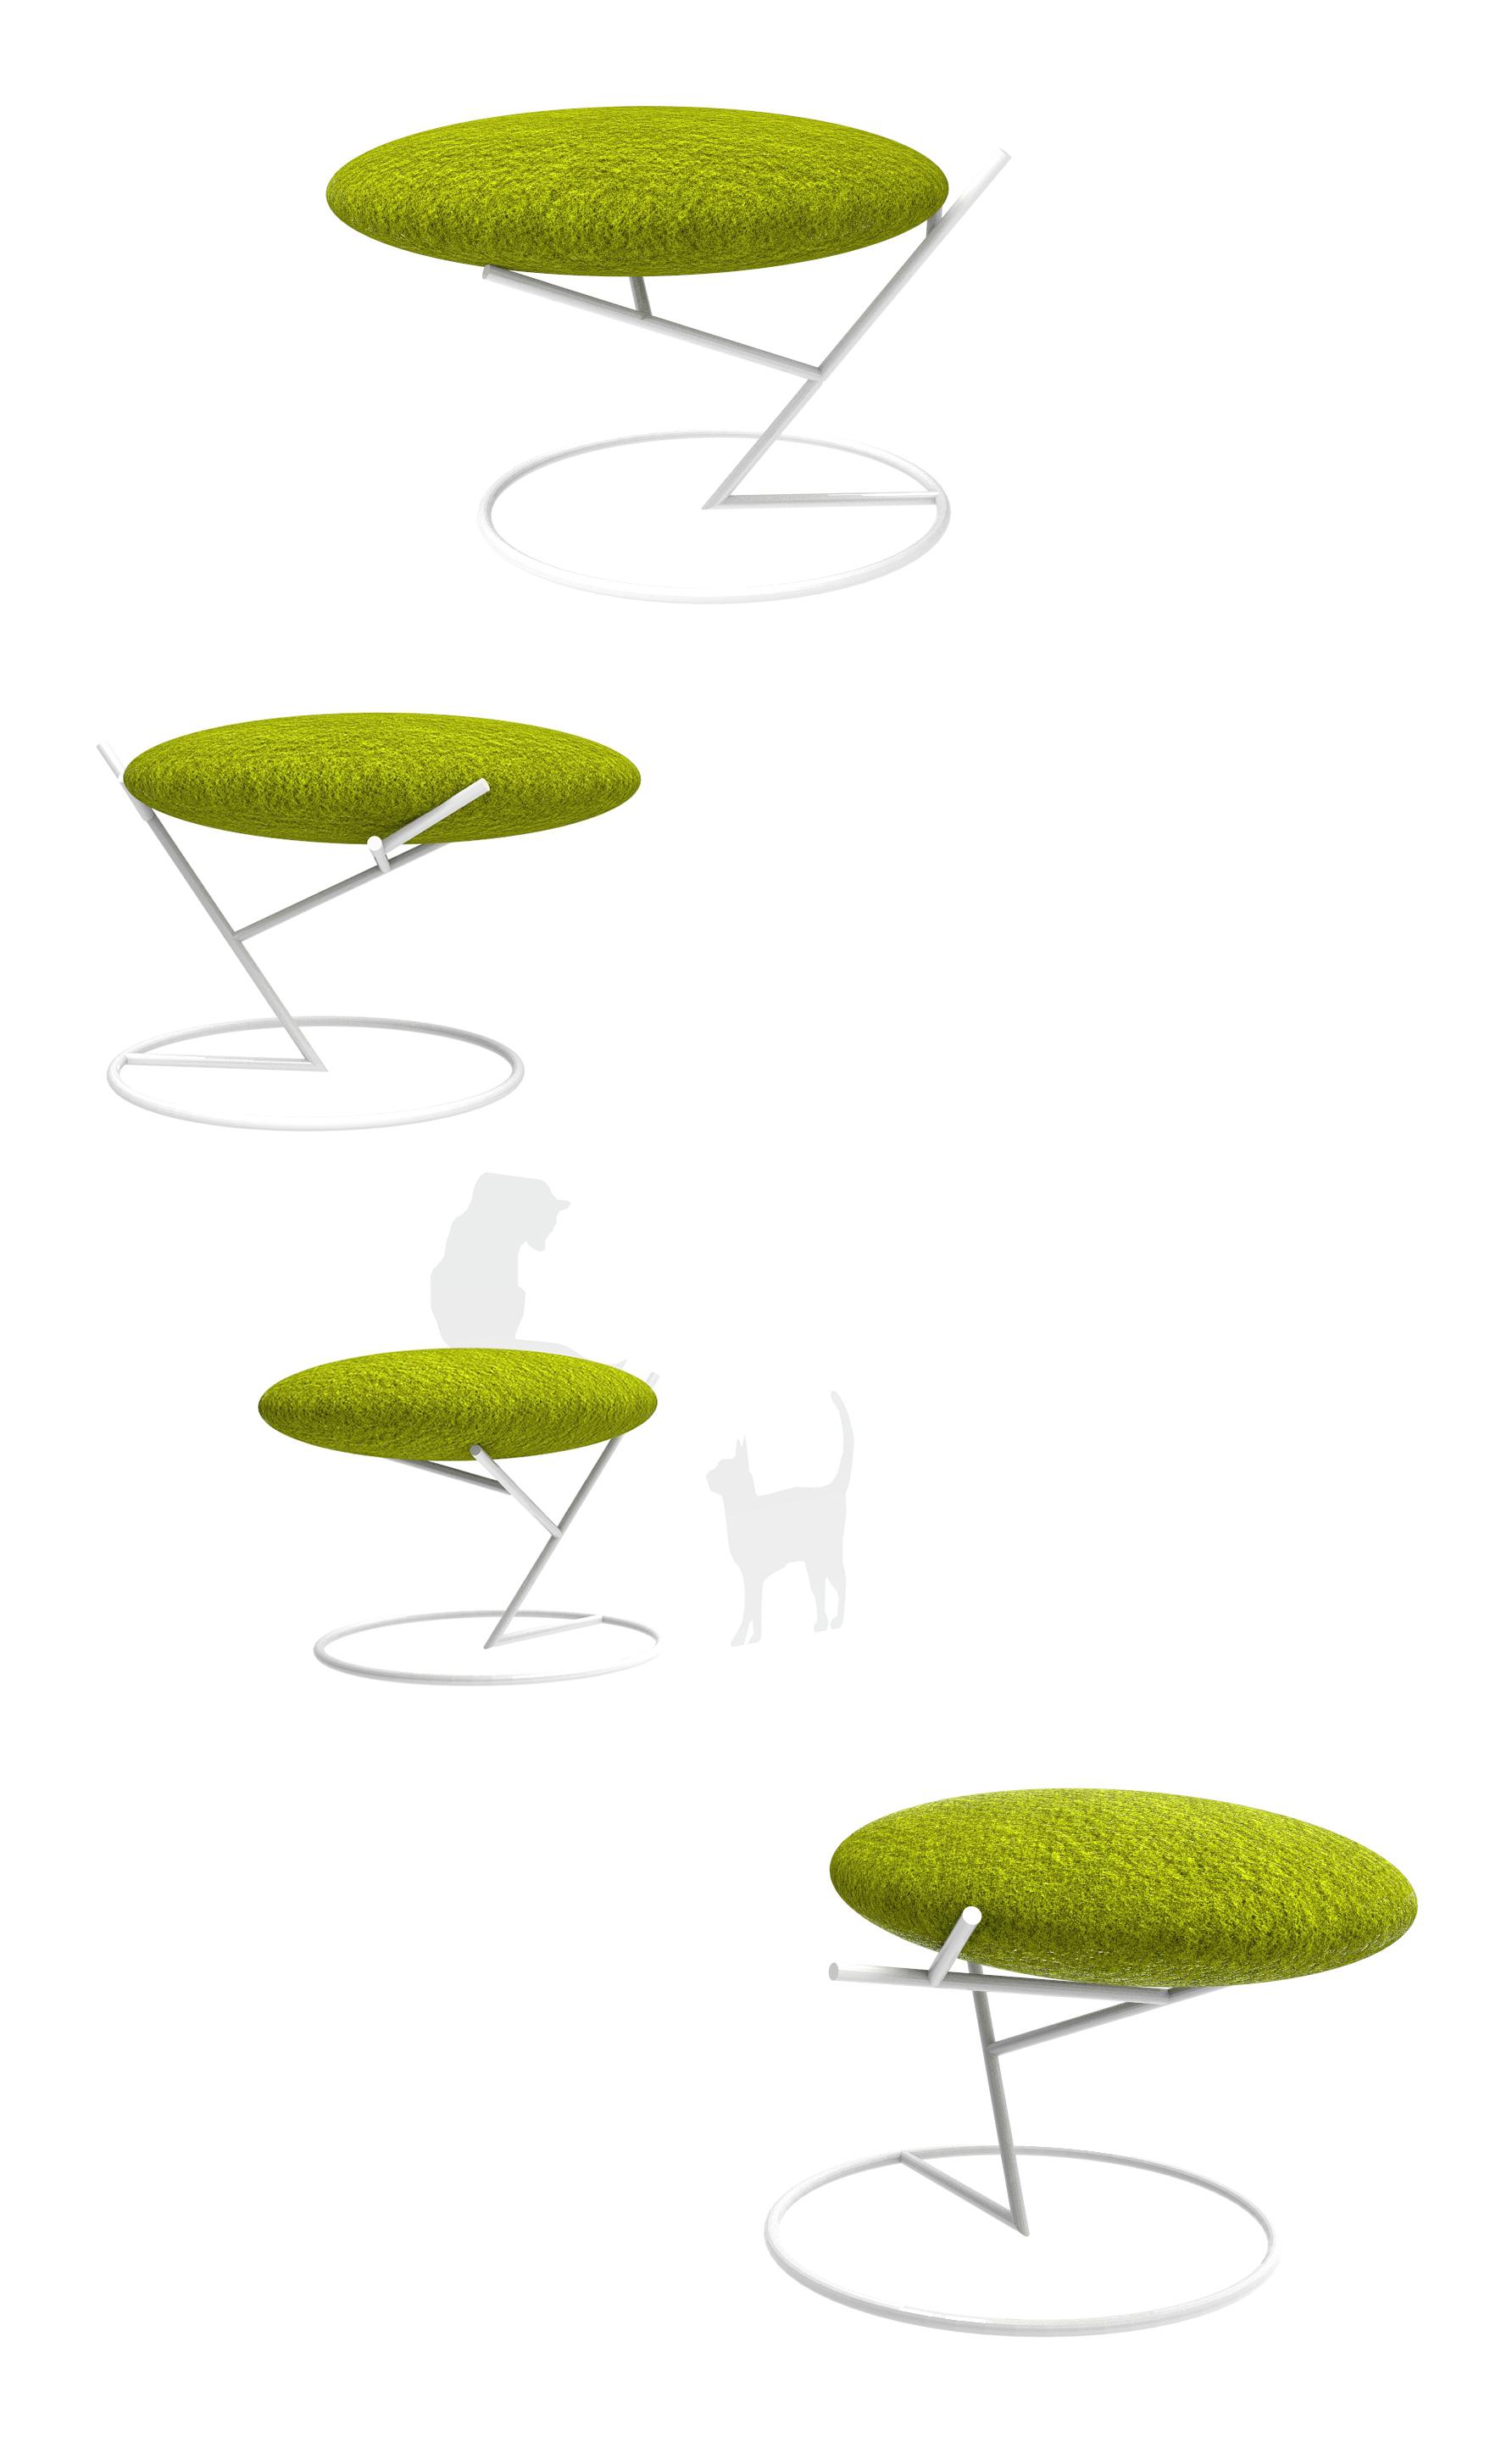 bonsai-projekt-siedzisko-dla-kota-pawlowska-design-p